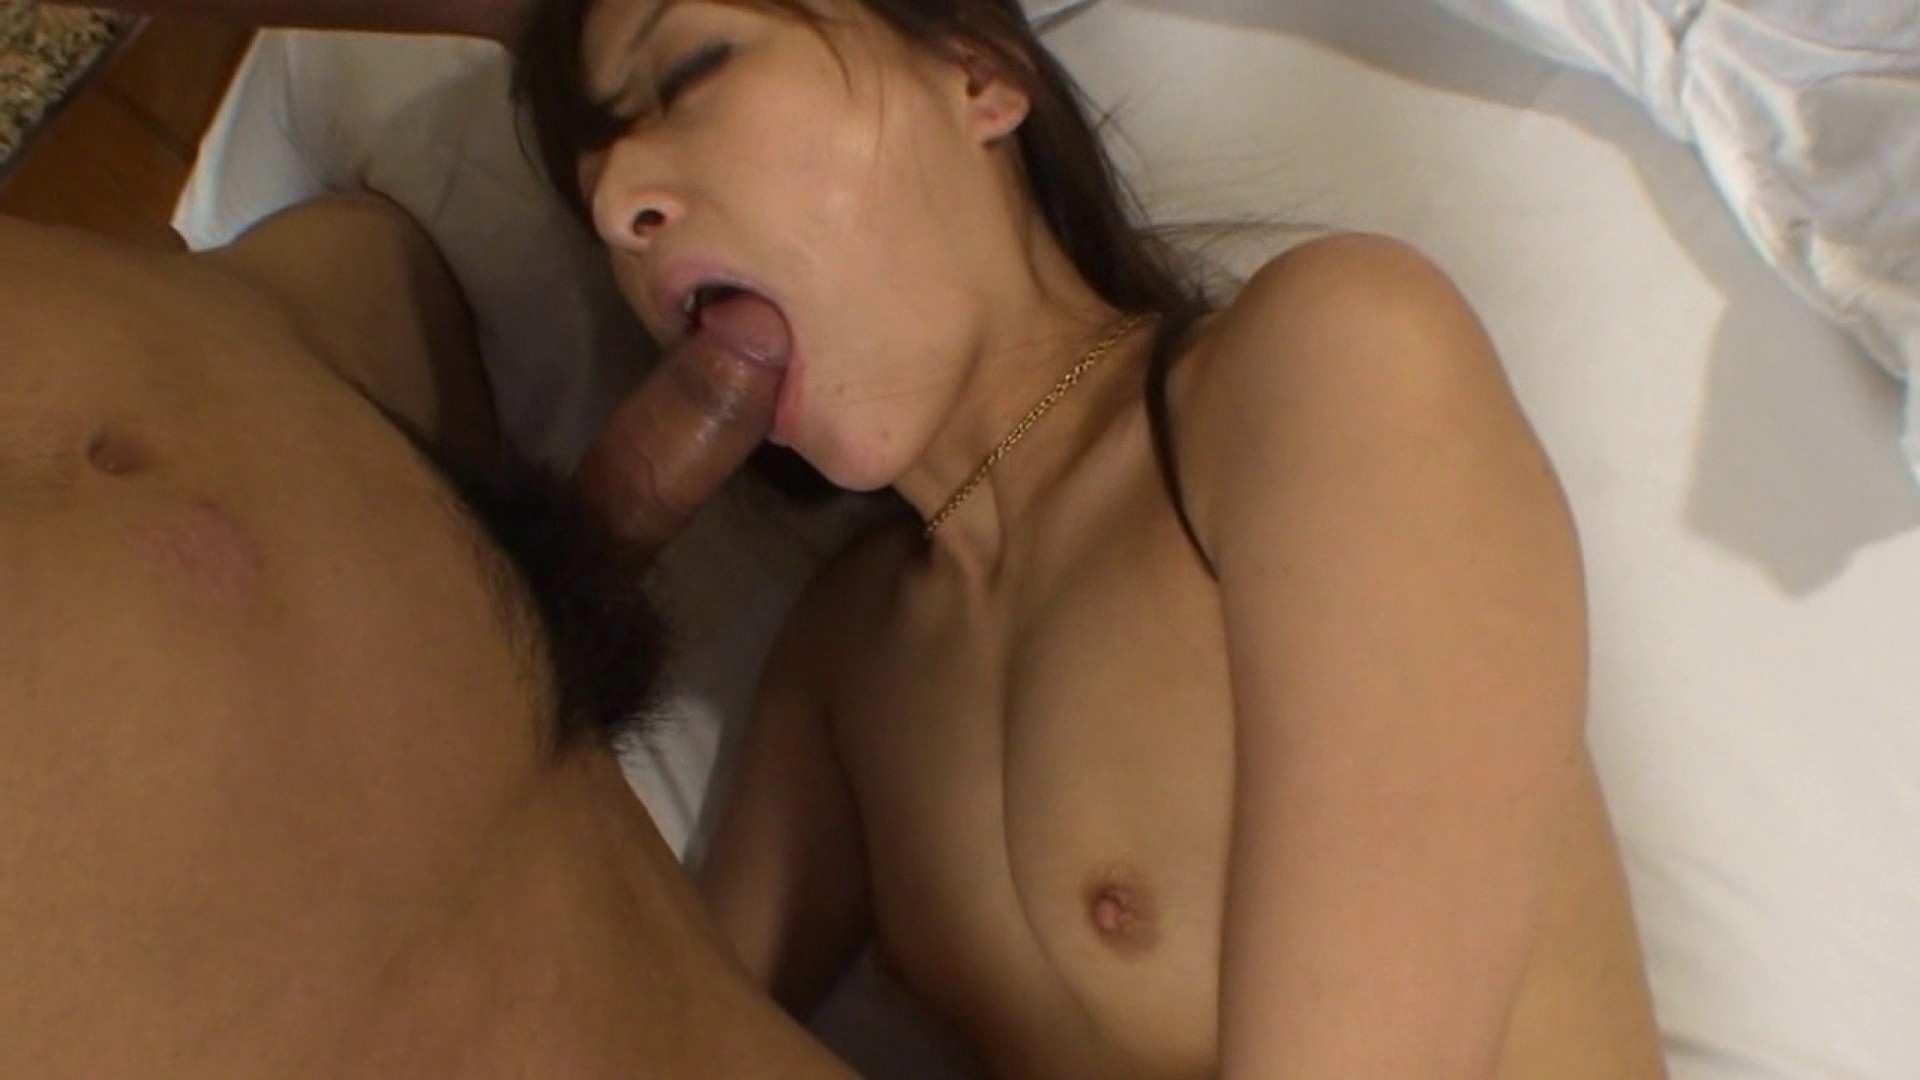 素人S級美女特選!小悪魔ギャル噂のビッチガールVol.03 ナースのセックス | 一般投稿  92画像 87